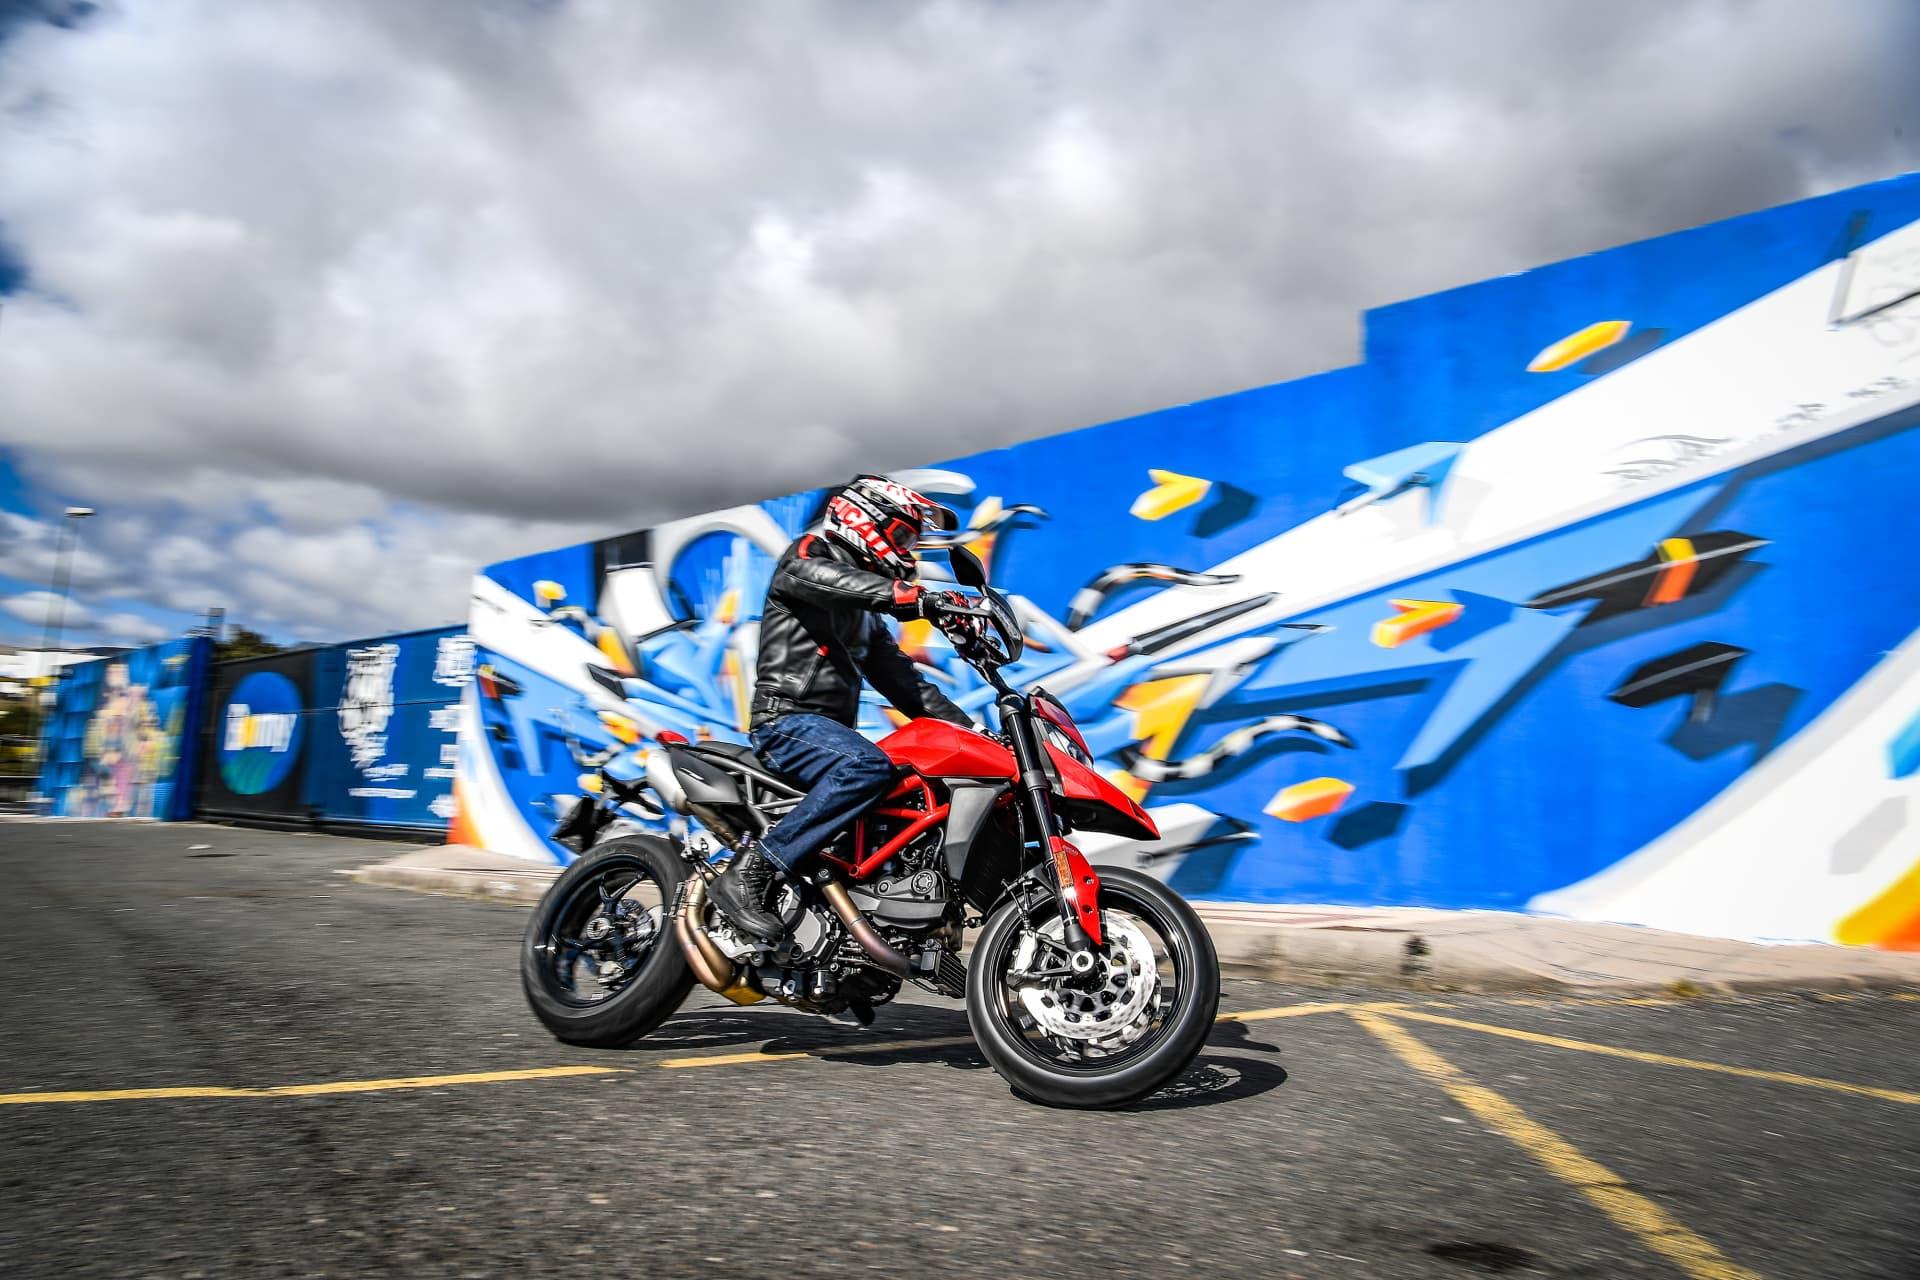 Ducati Hypermotard 950 Action 10 Uc70352 Mid